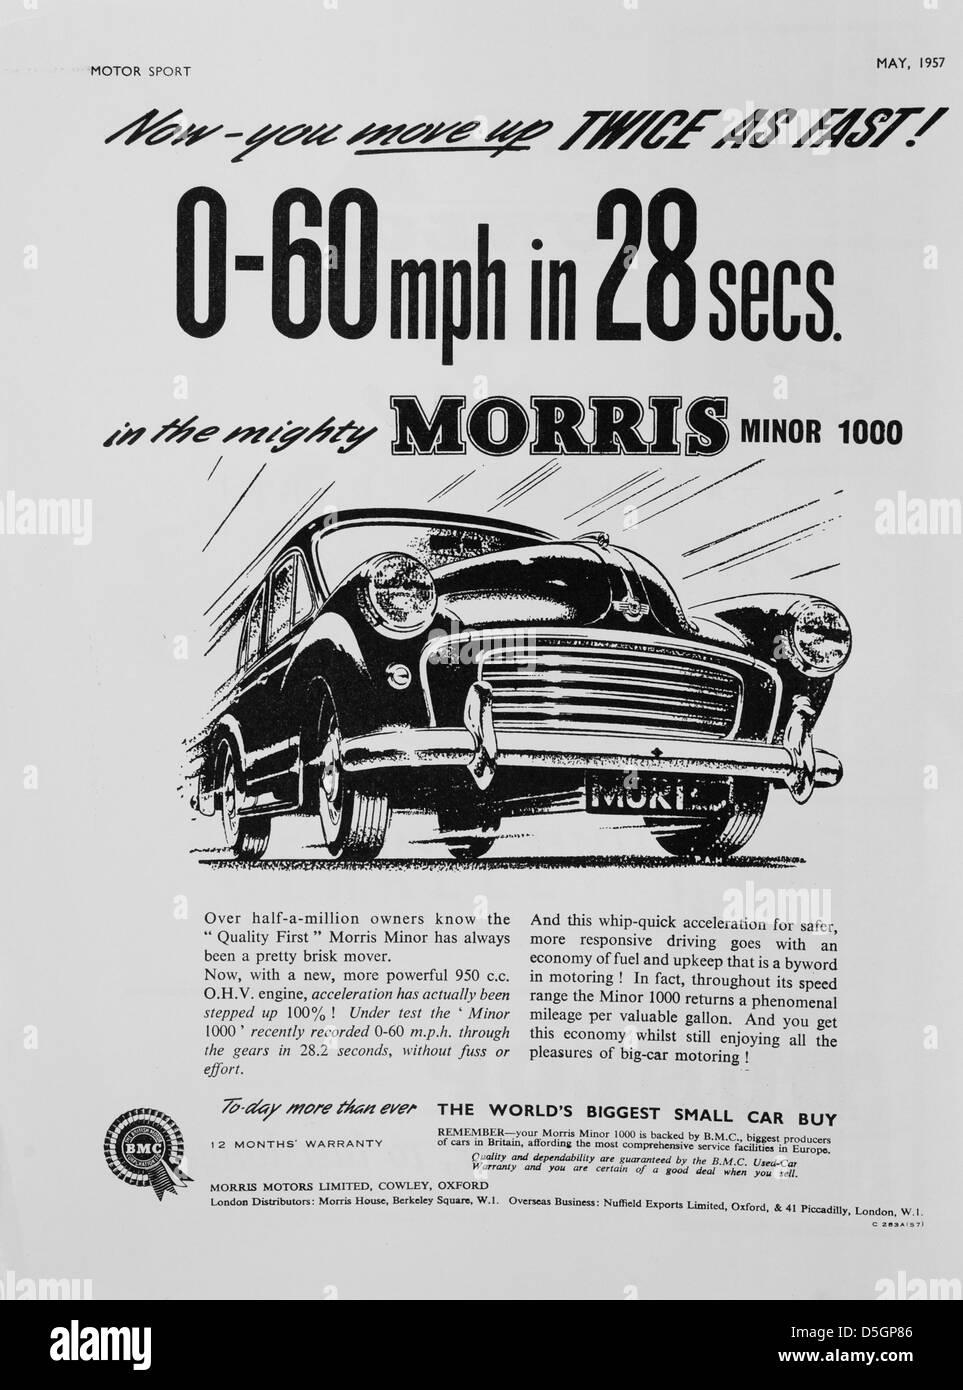 Morris Minor 1000 advetisement dans le sport automobile, Mai, 1957 Photo Stock